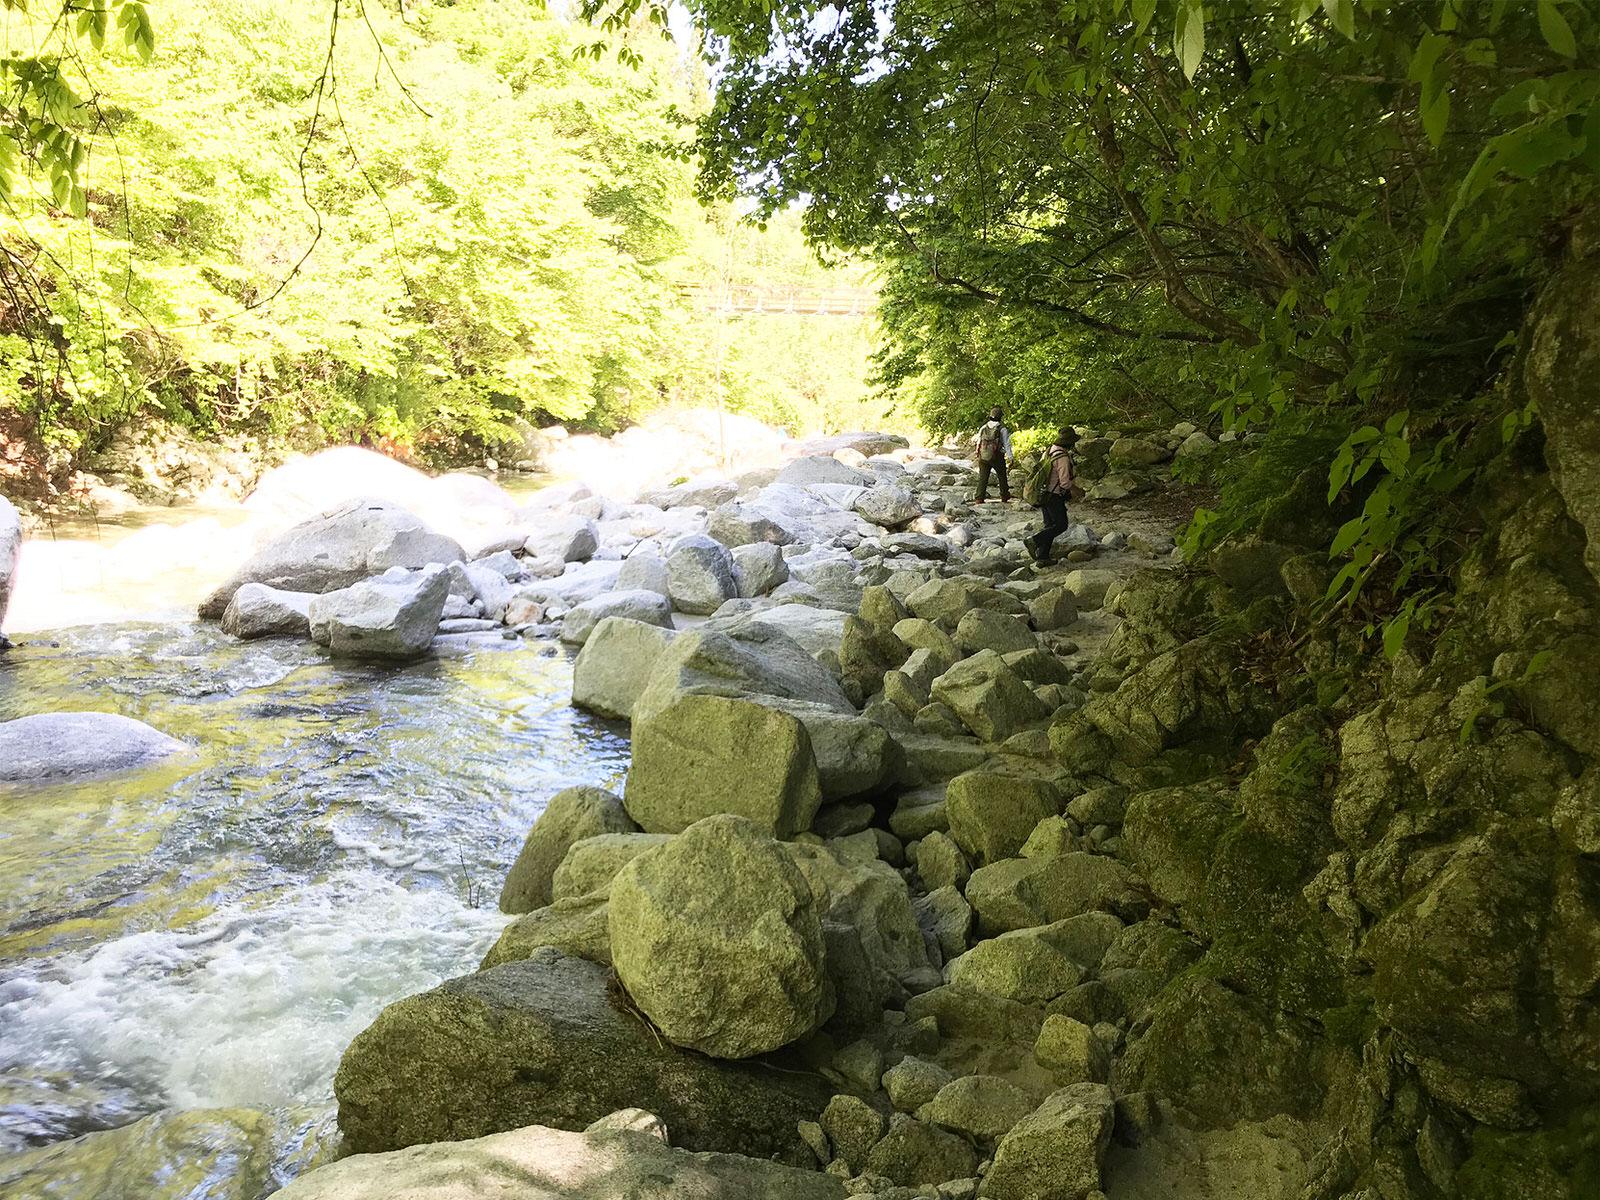 写真展と金精軒と尾白川と / Photoexhibition_Kinseiken_Ojirogawa river_2018